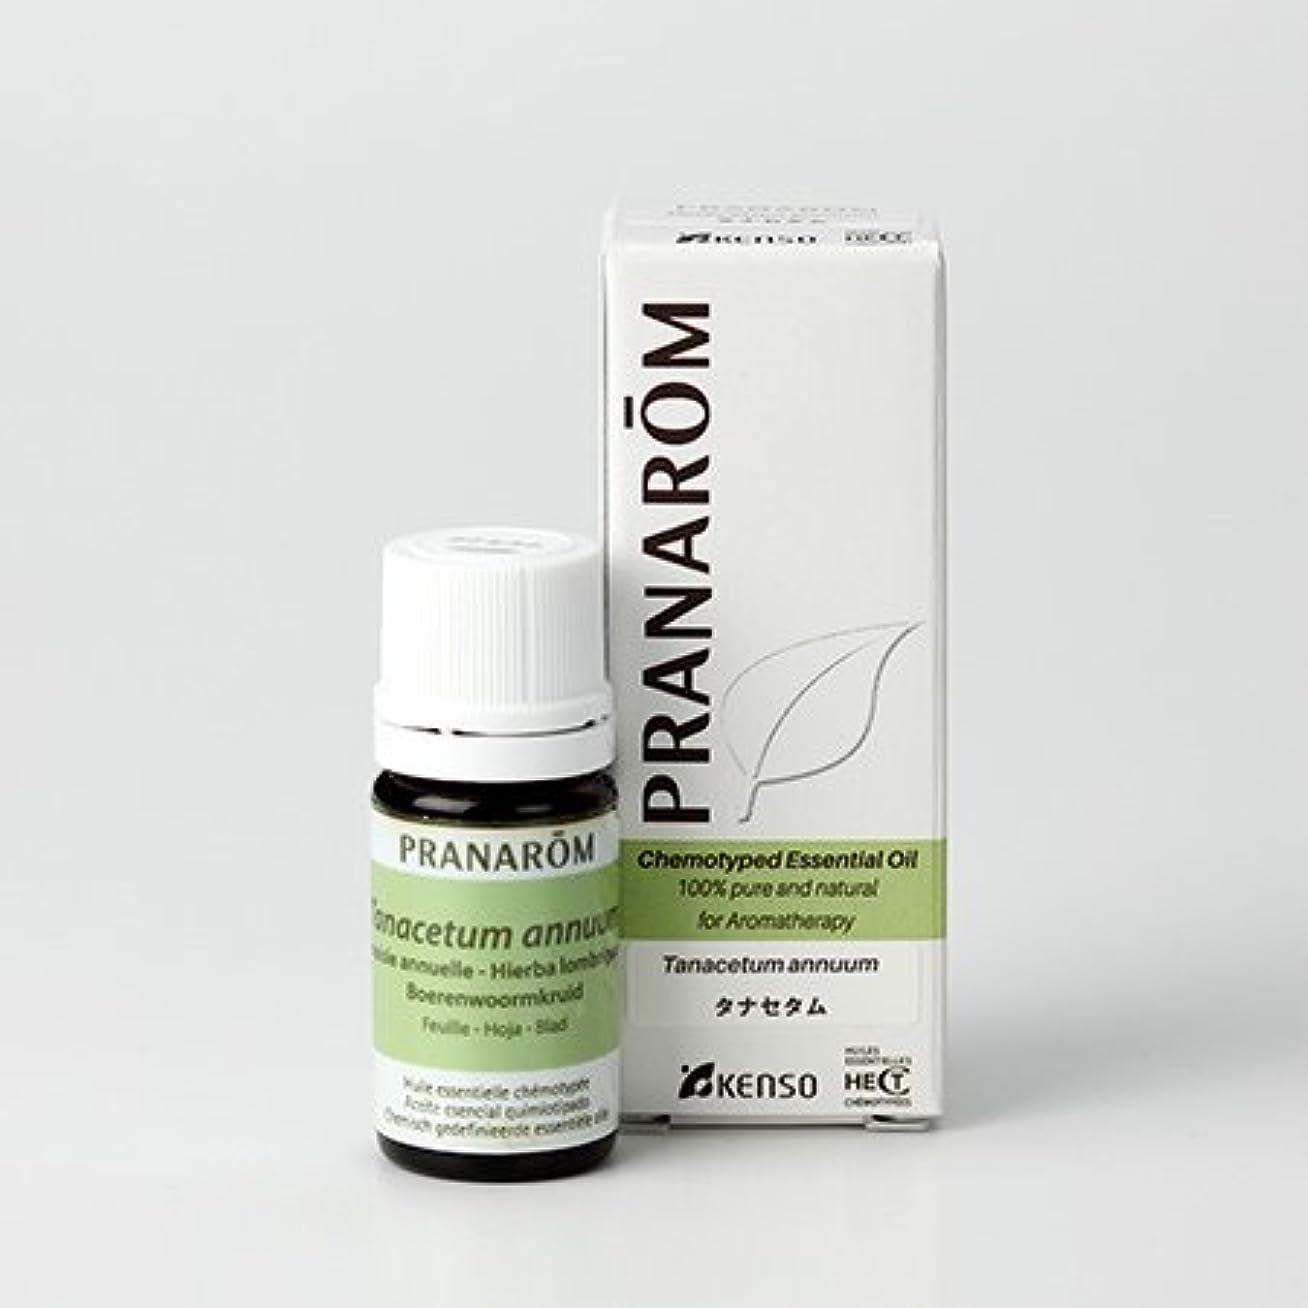 ネコ行商記録プラナロム タナセタム 5ml (PRANAROM ケモタイプ精油)